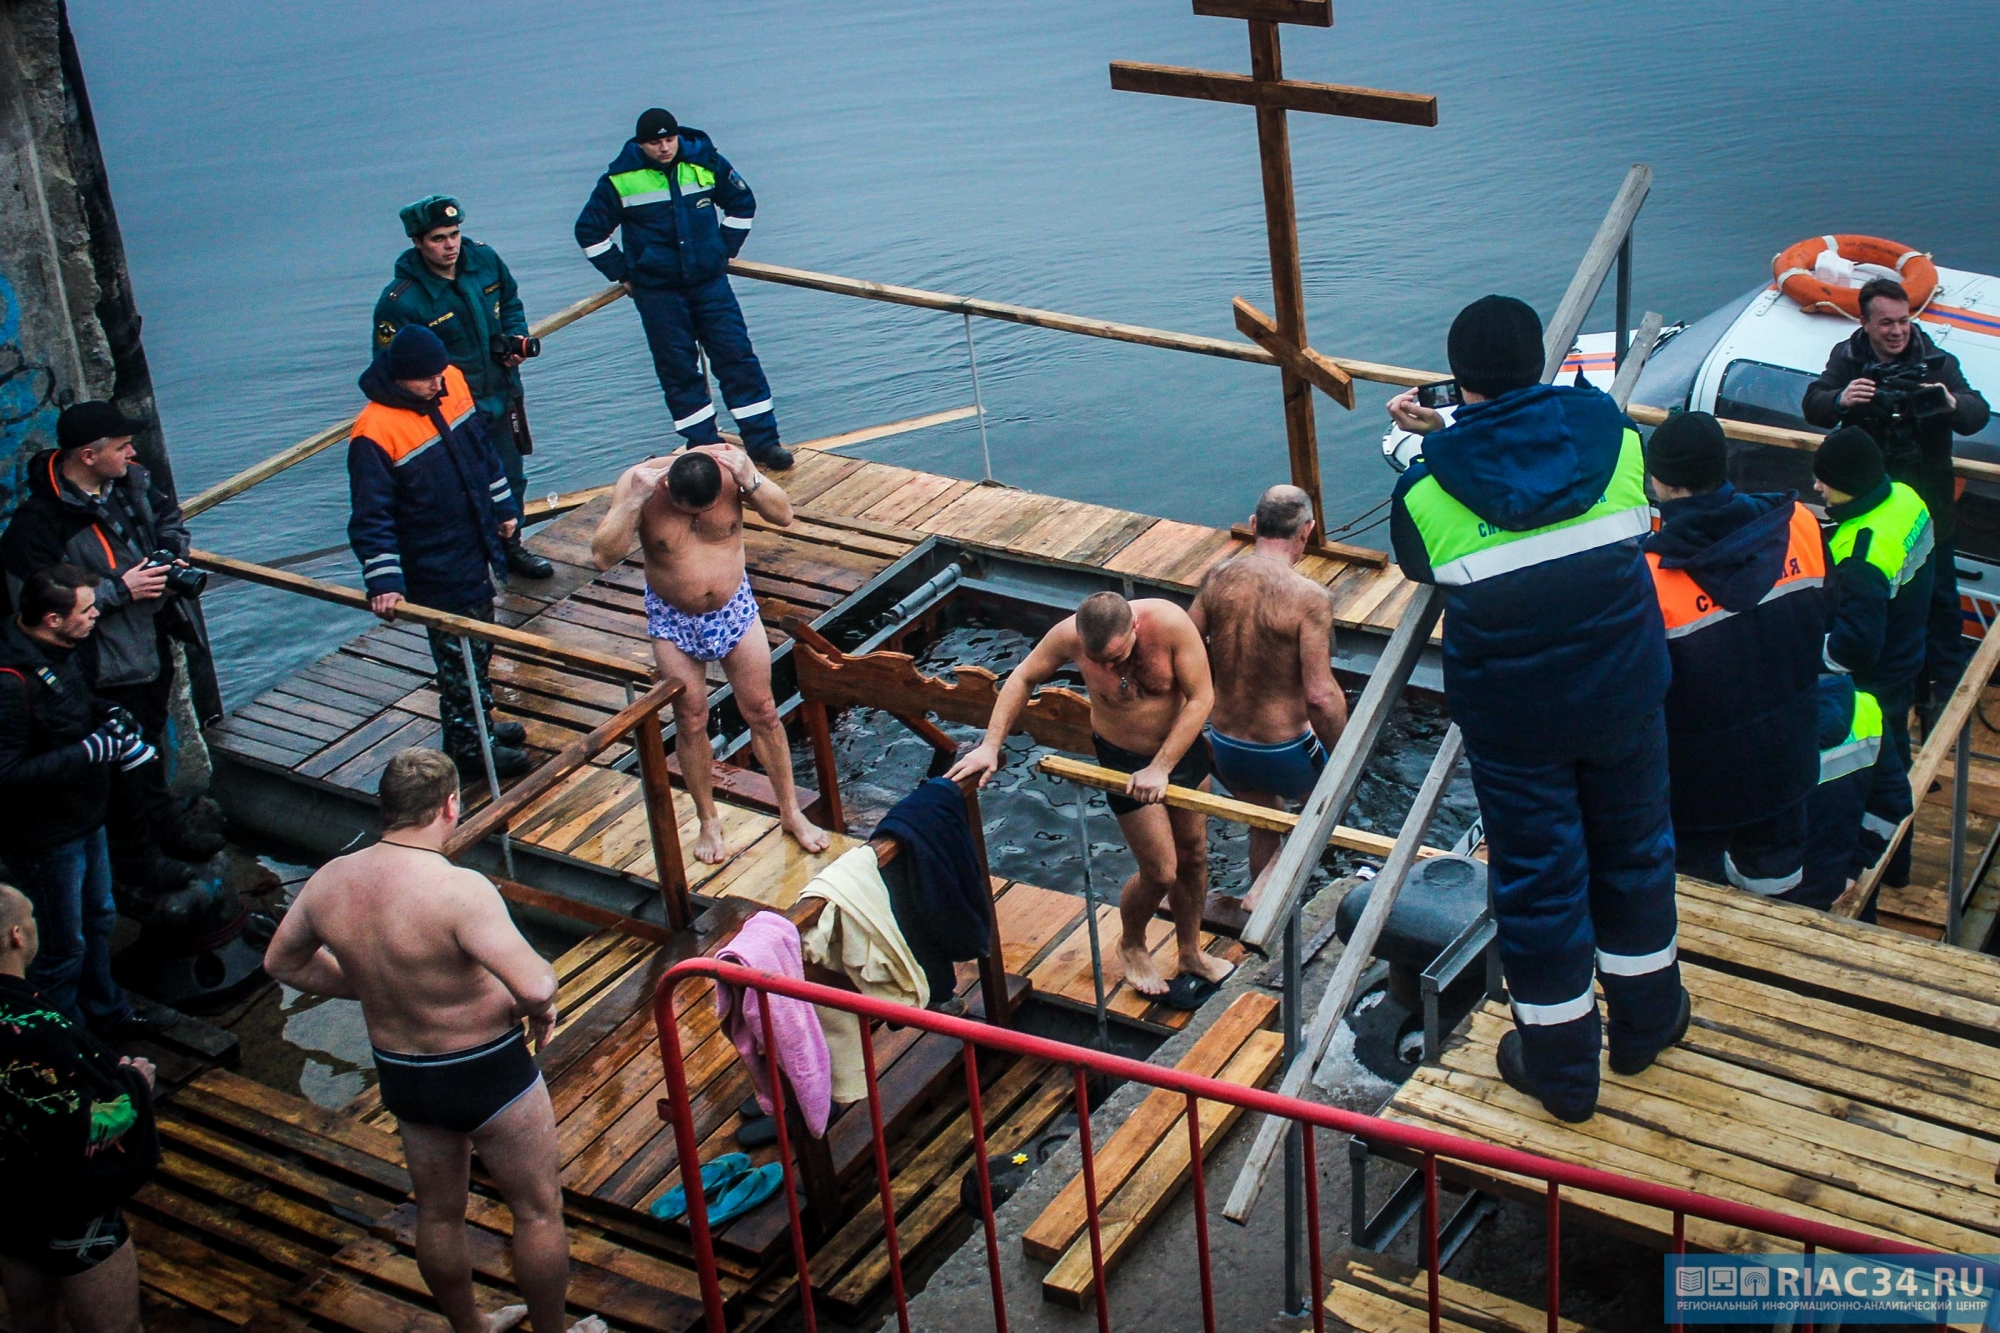 Волгоградцам рассказали, как правильно себя вести после купания в проруби